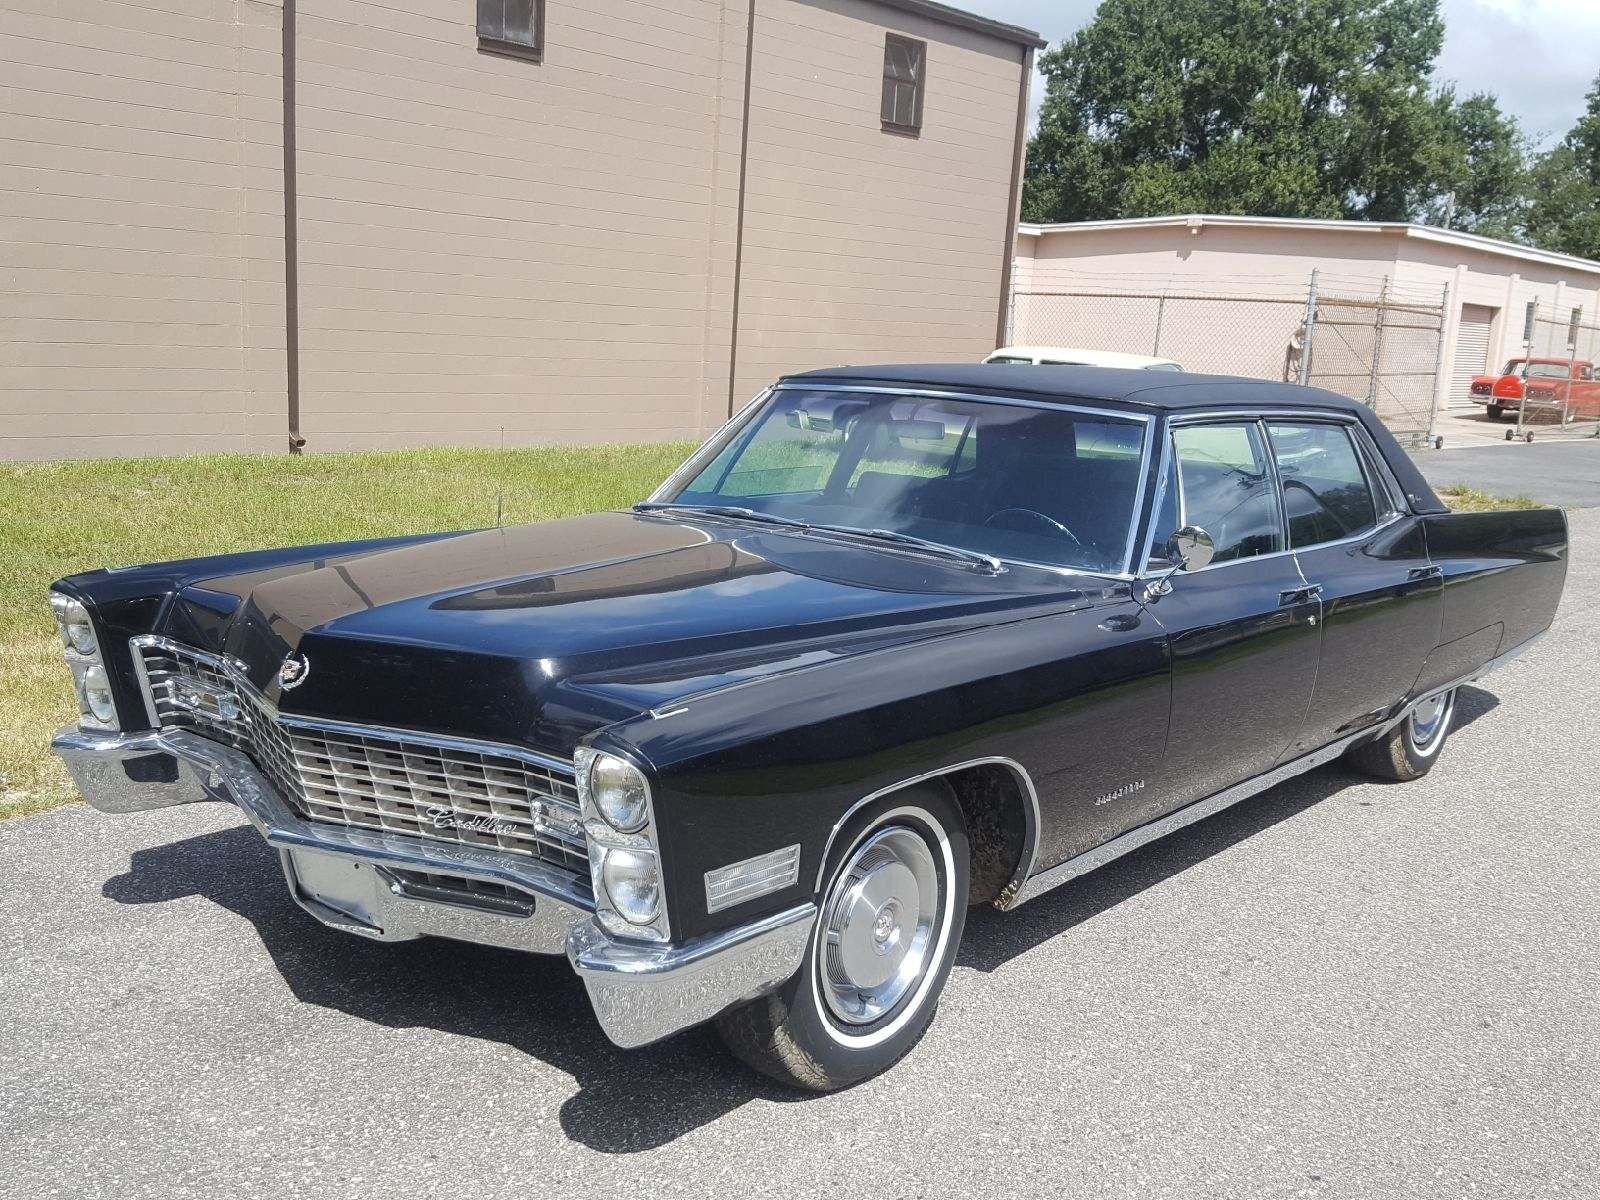 1967 Cadillac Fleetwood 60S